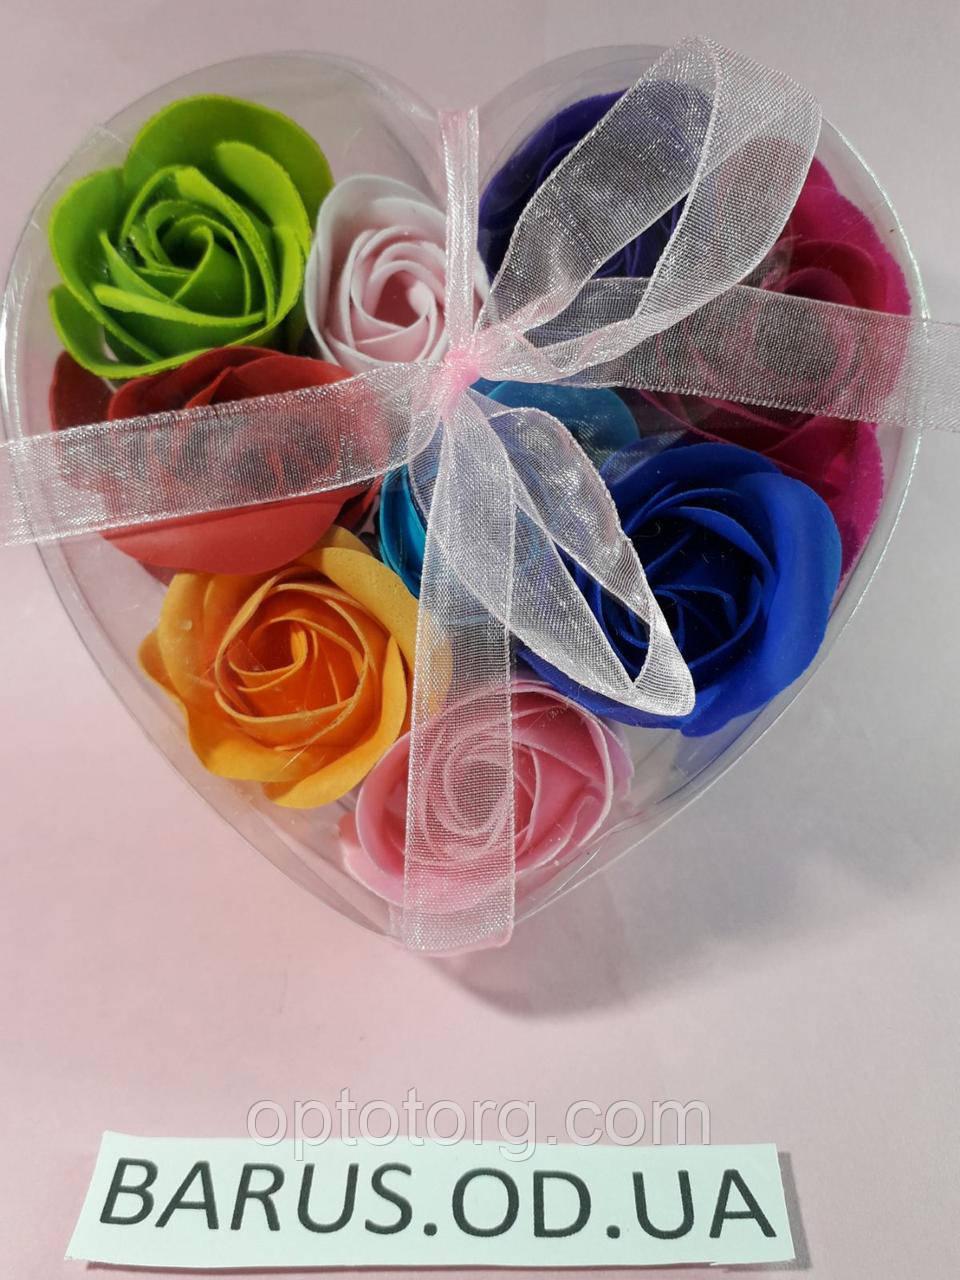 Сувенирное подарочное  мыло из лепестков  роз  9 штук  разных цветов 11,5*11,5*4 см